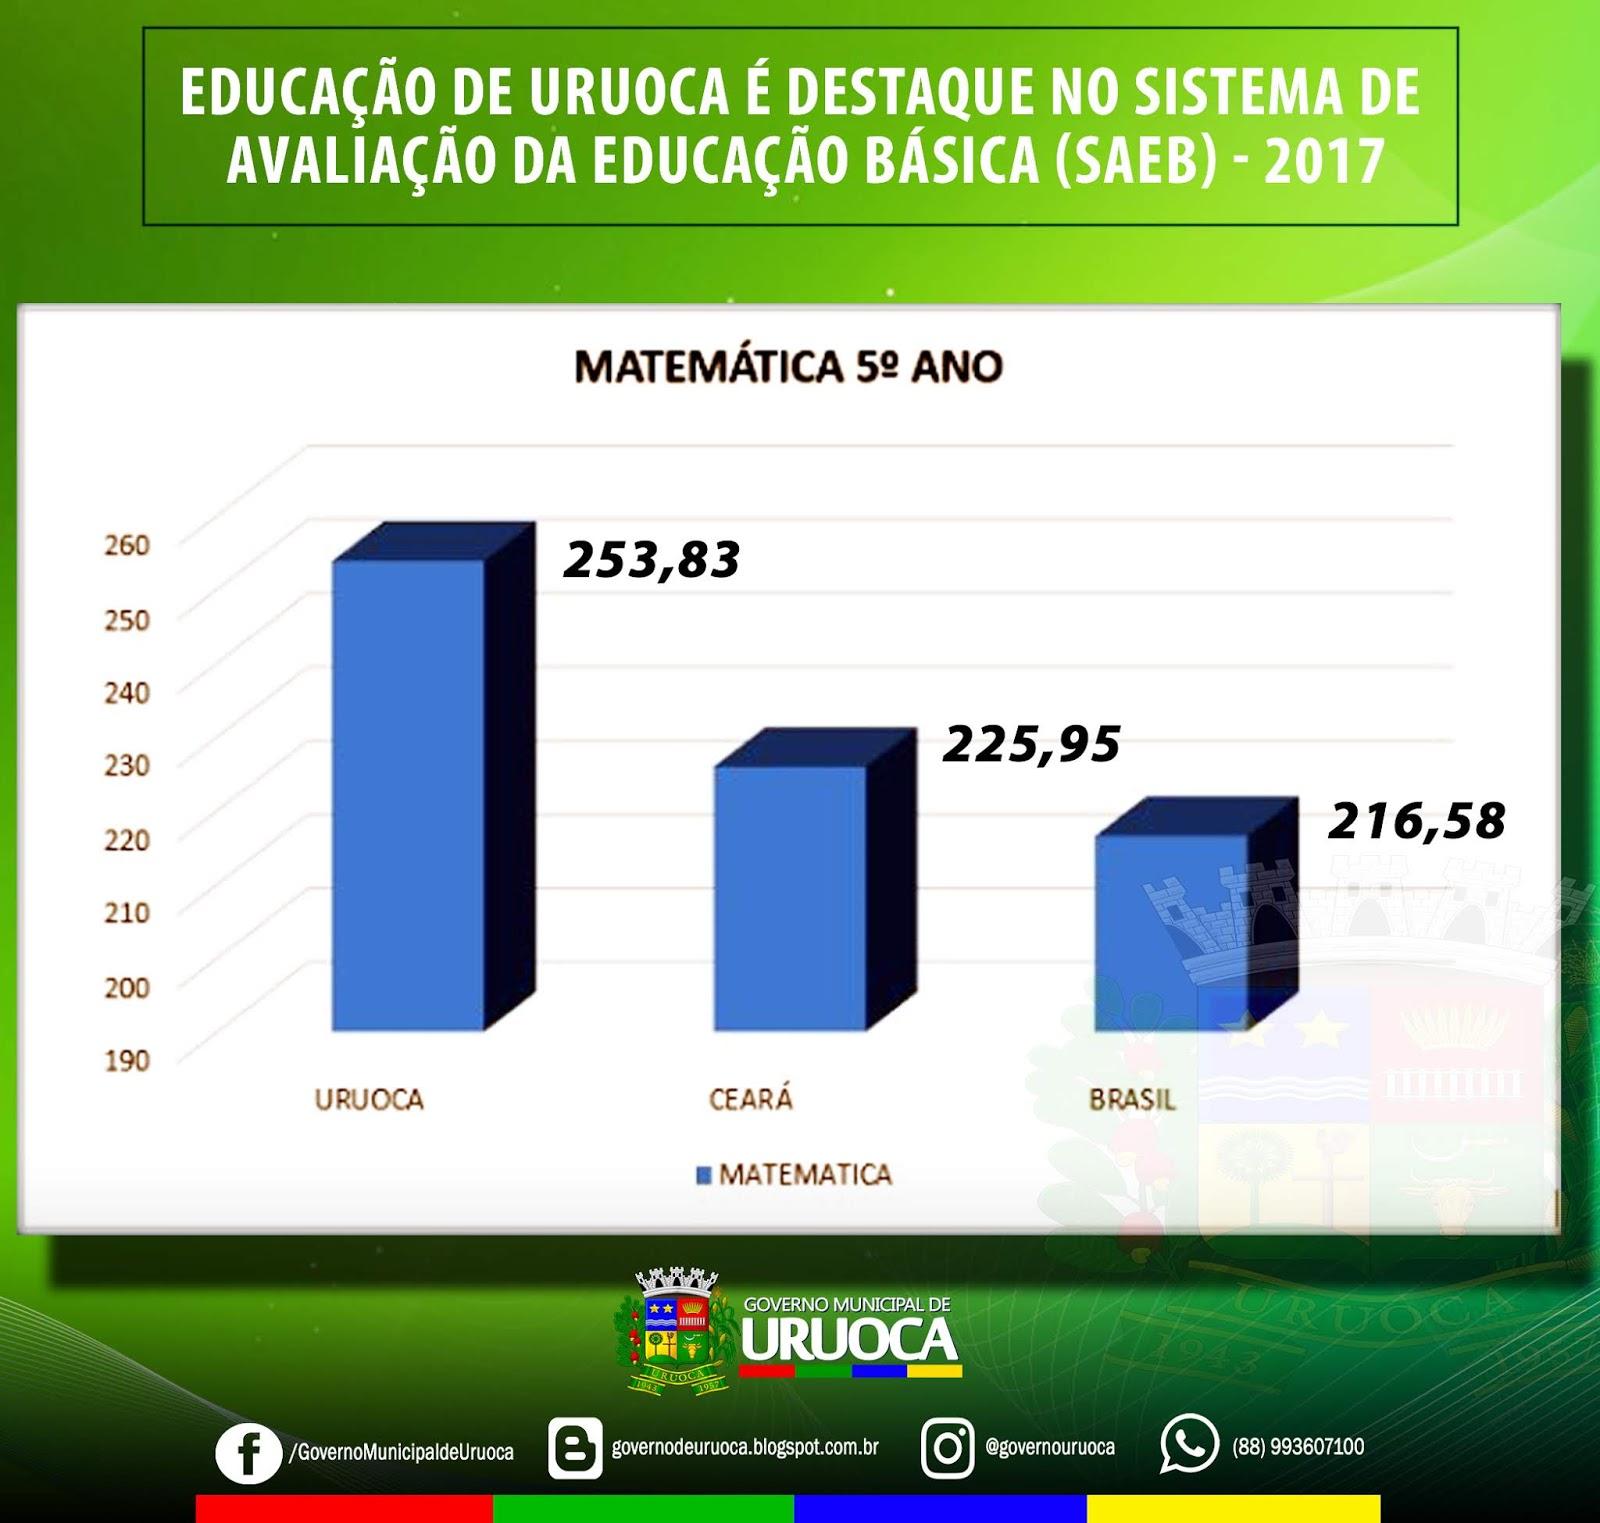 EDUCAÇÃO DE URUOCA É DESTAQUE NO SISTEMA DE AVALIAÇÃO DA EDUCAÇÃO BÁSICA (SAEB) - 2017